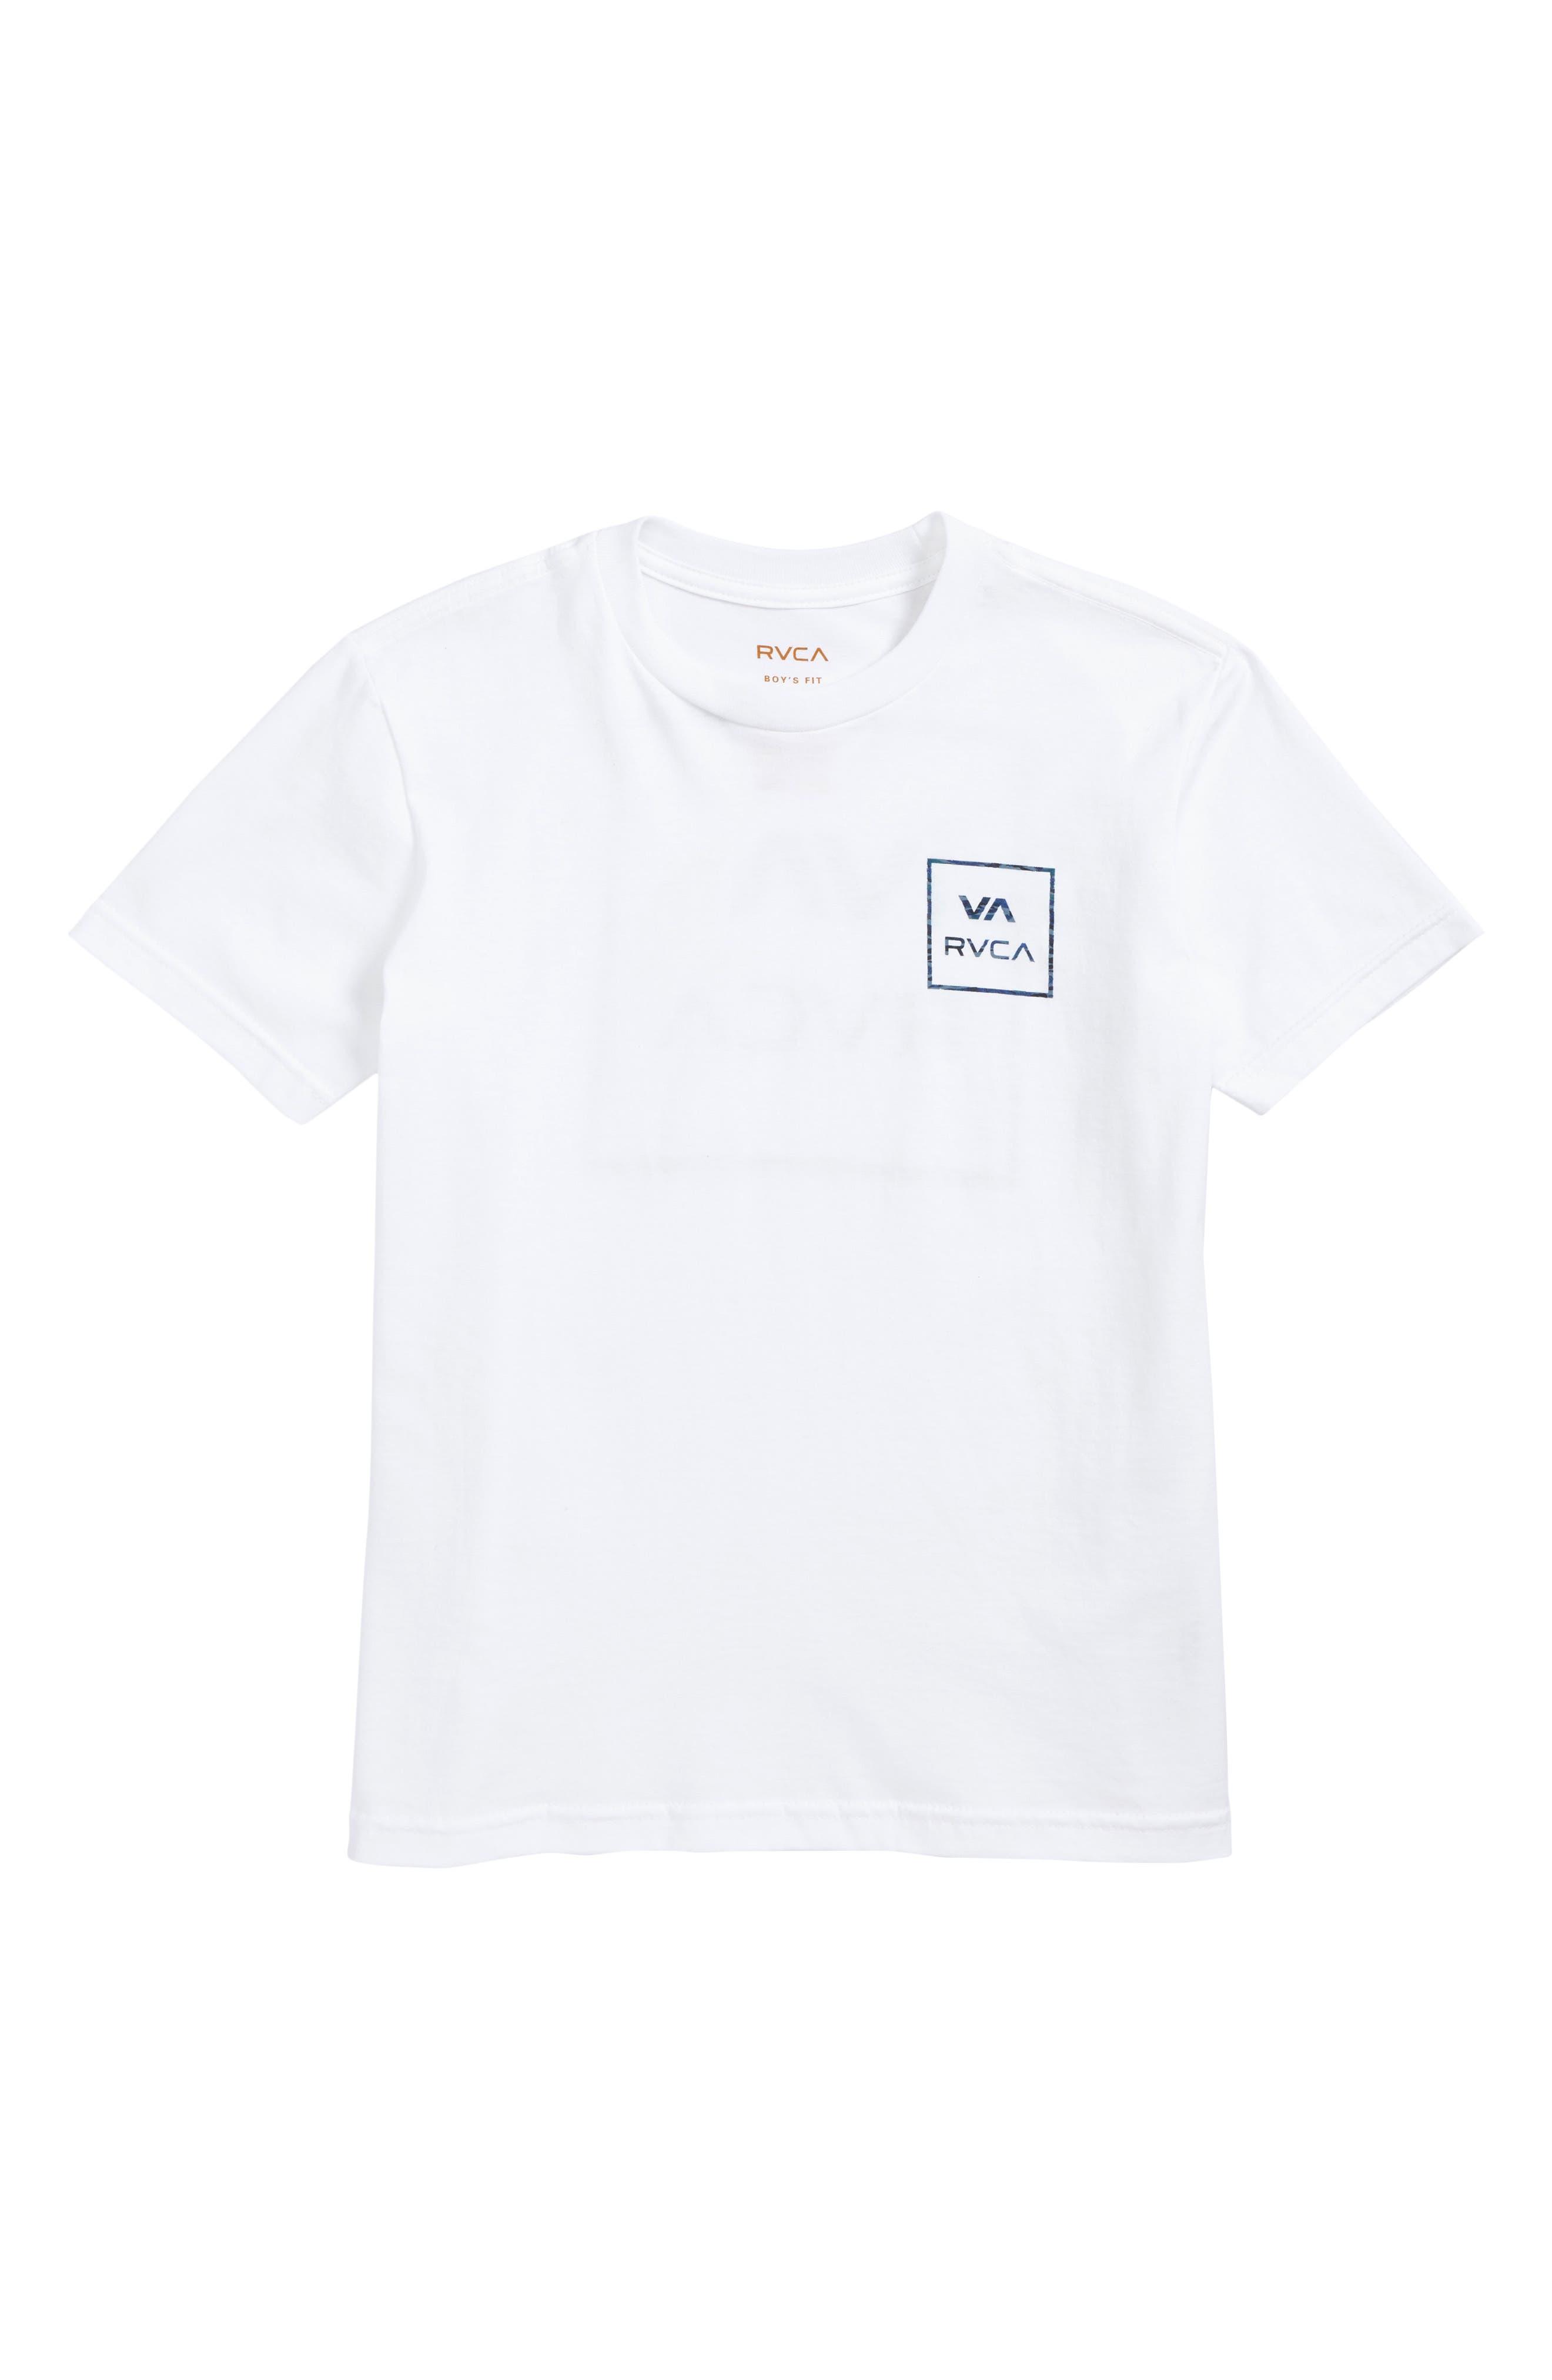 VA all the Way Graphic T-Shirt,                             Main thumbnail 1, color,                             100